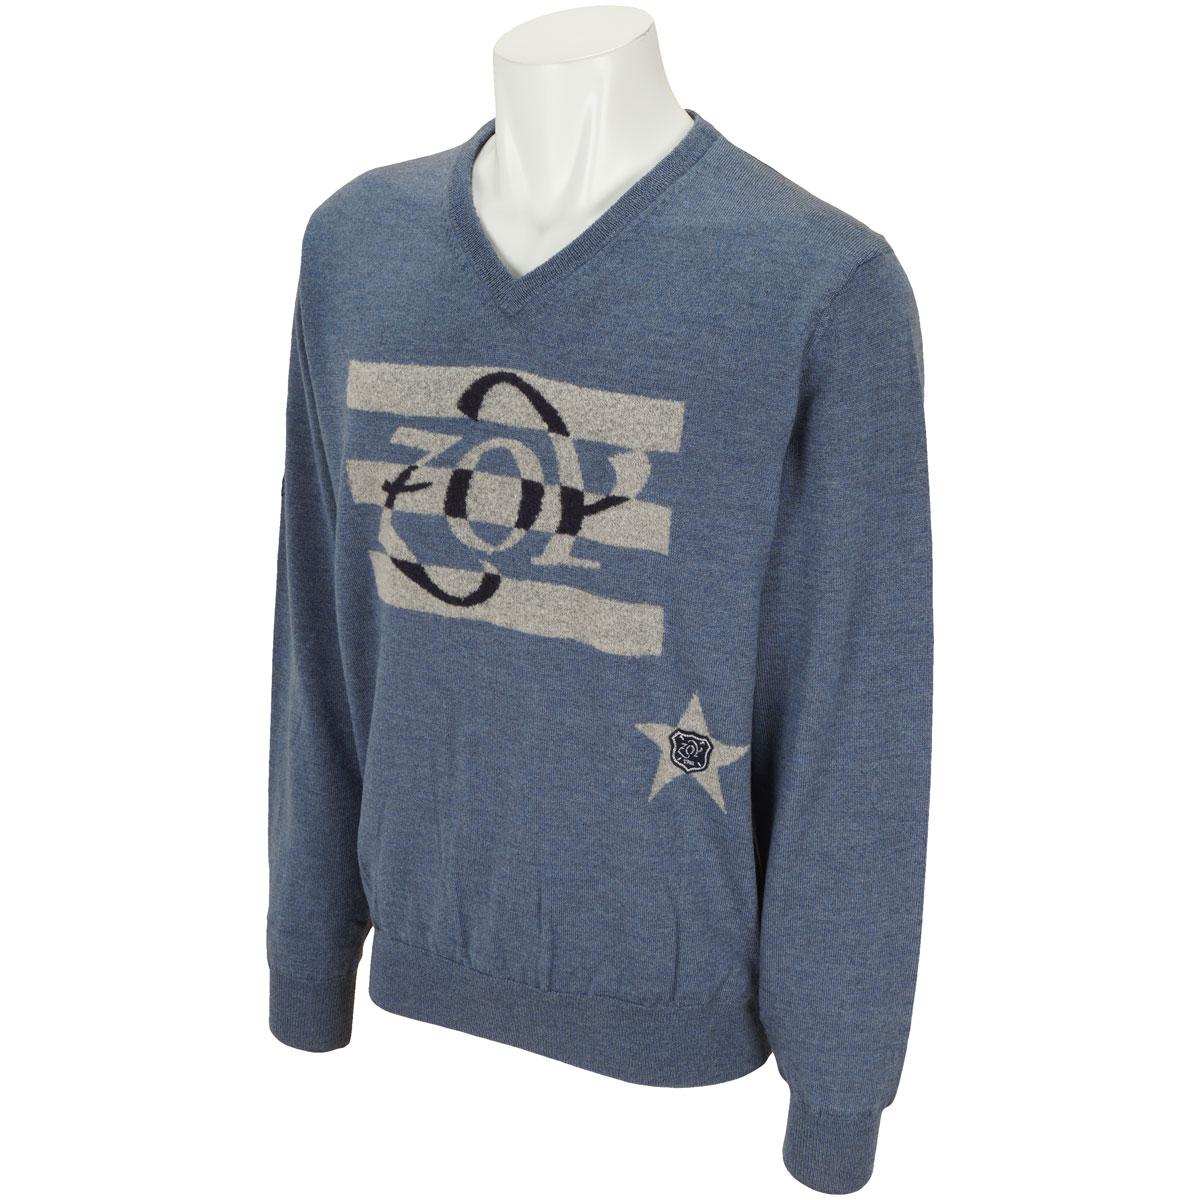 キャッシュウール 裏地付き長袖セーター